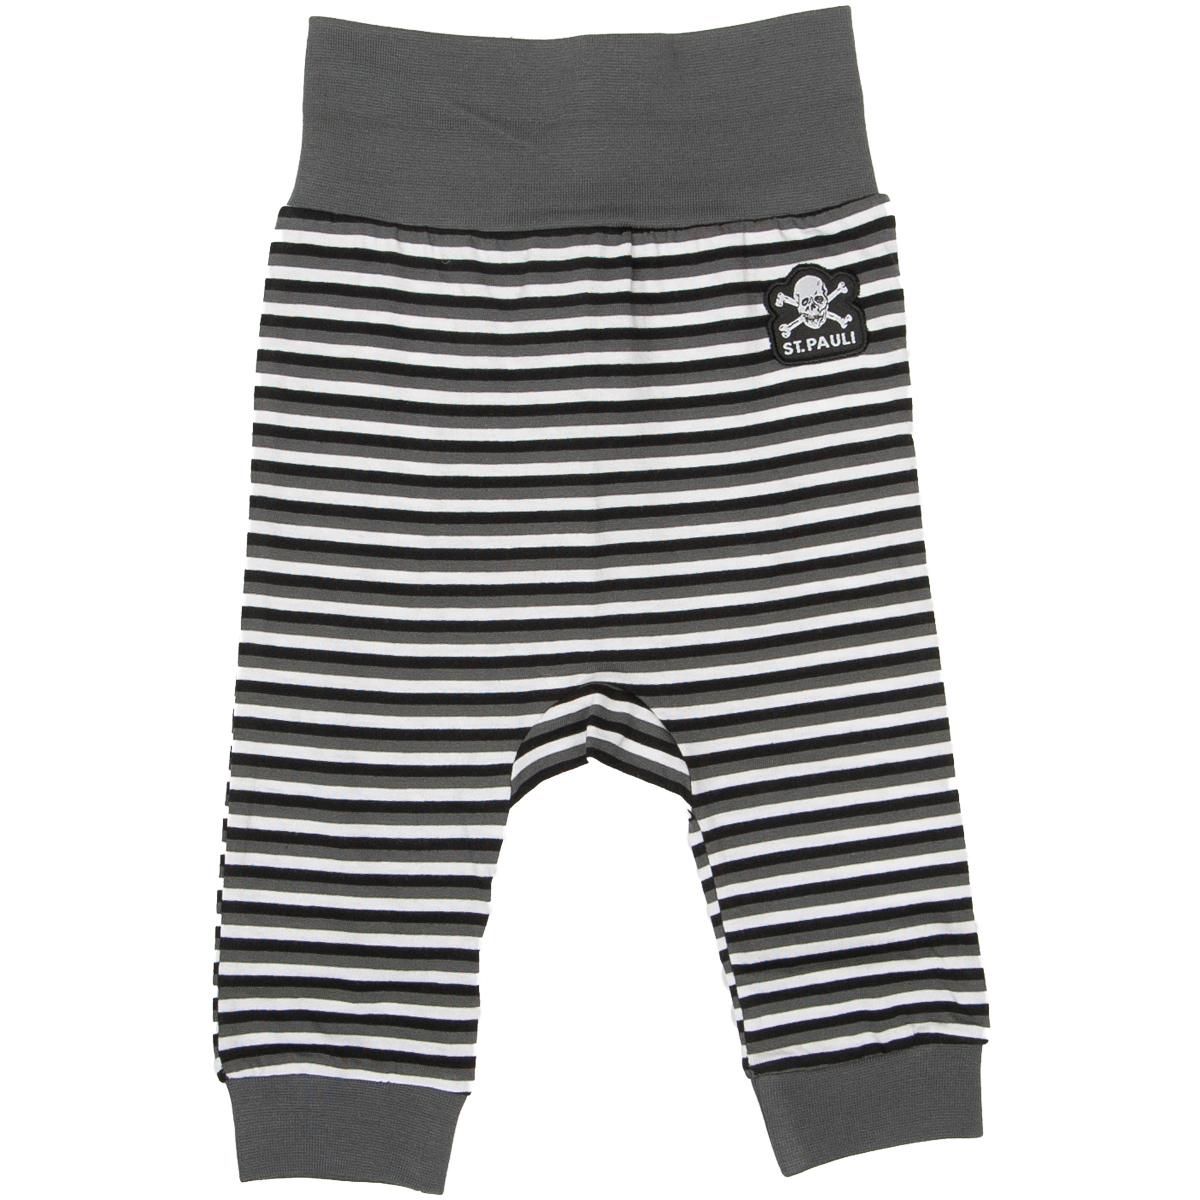 FC St. Pauli - Baby Hose Streifen - grau-weiß